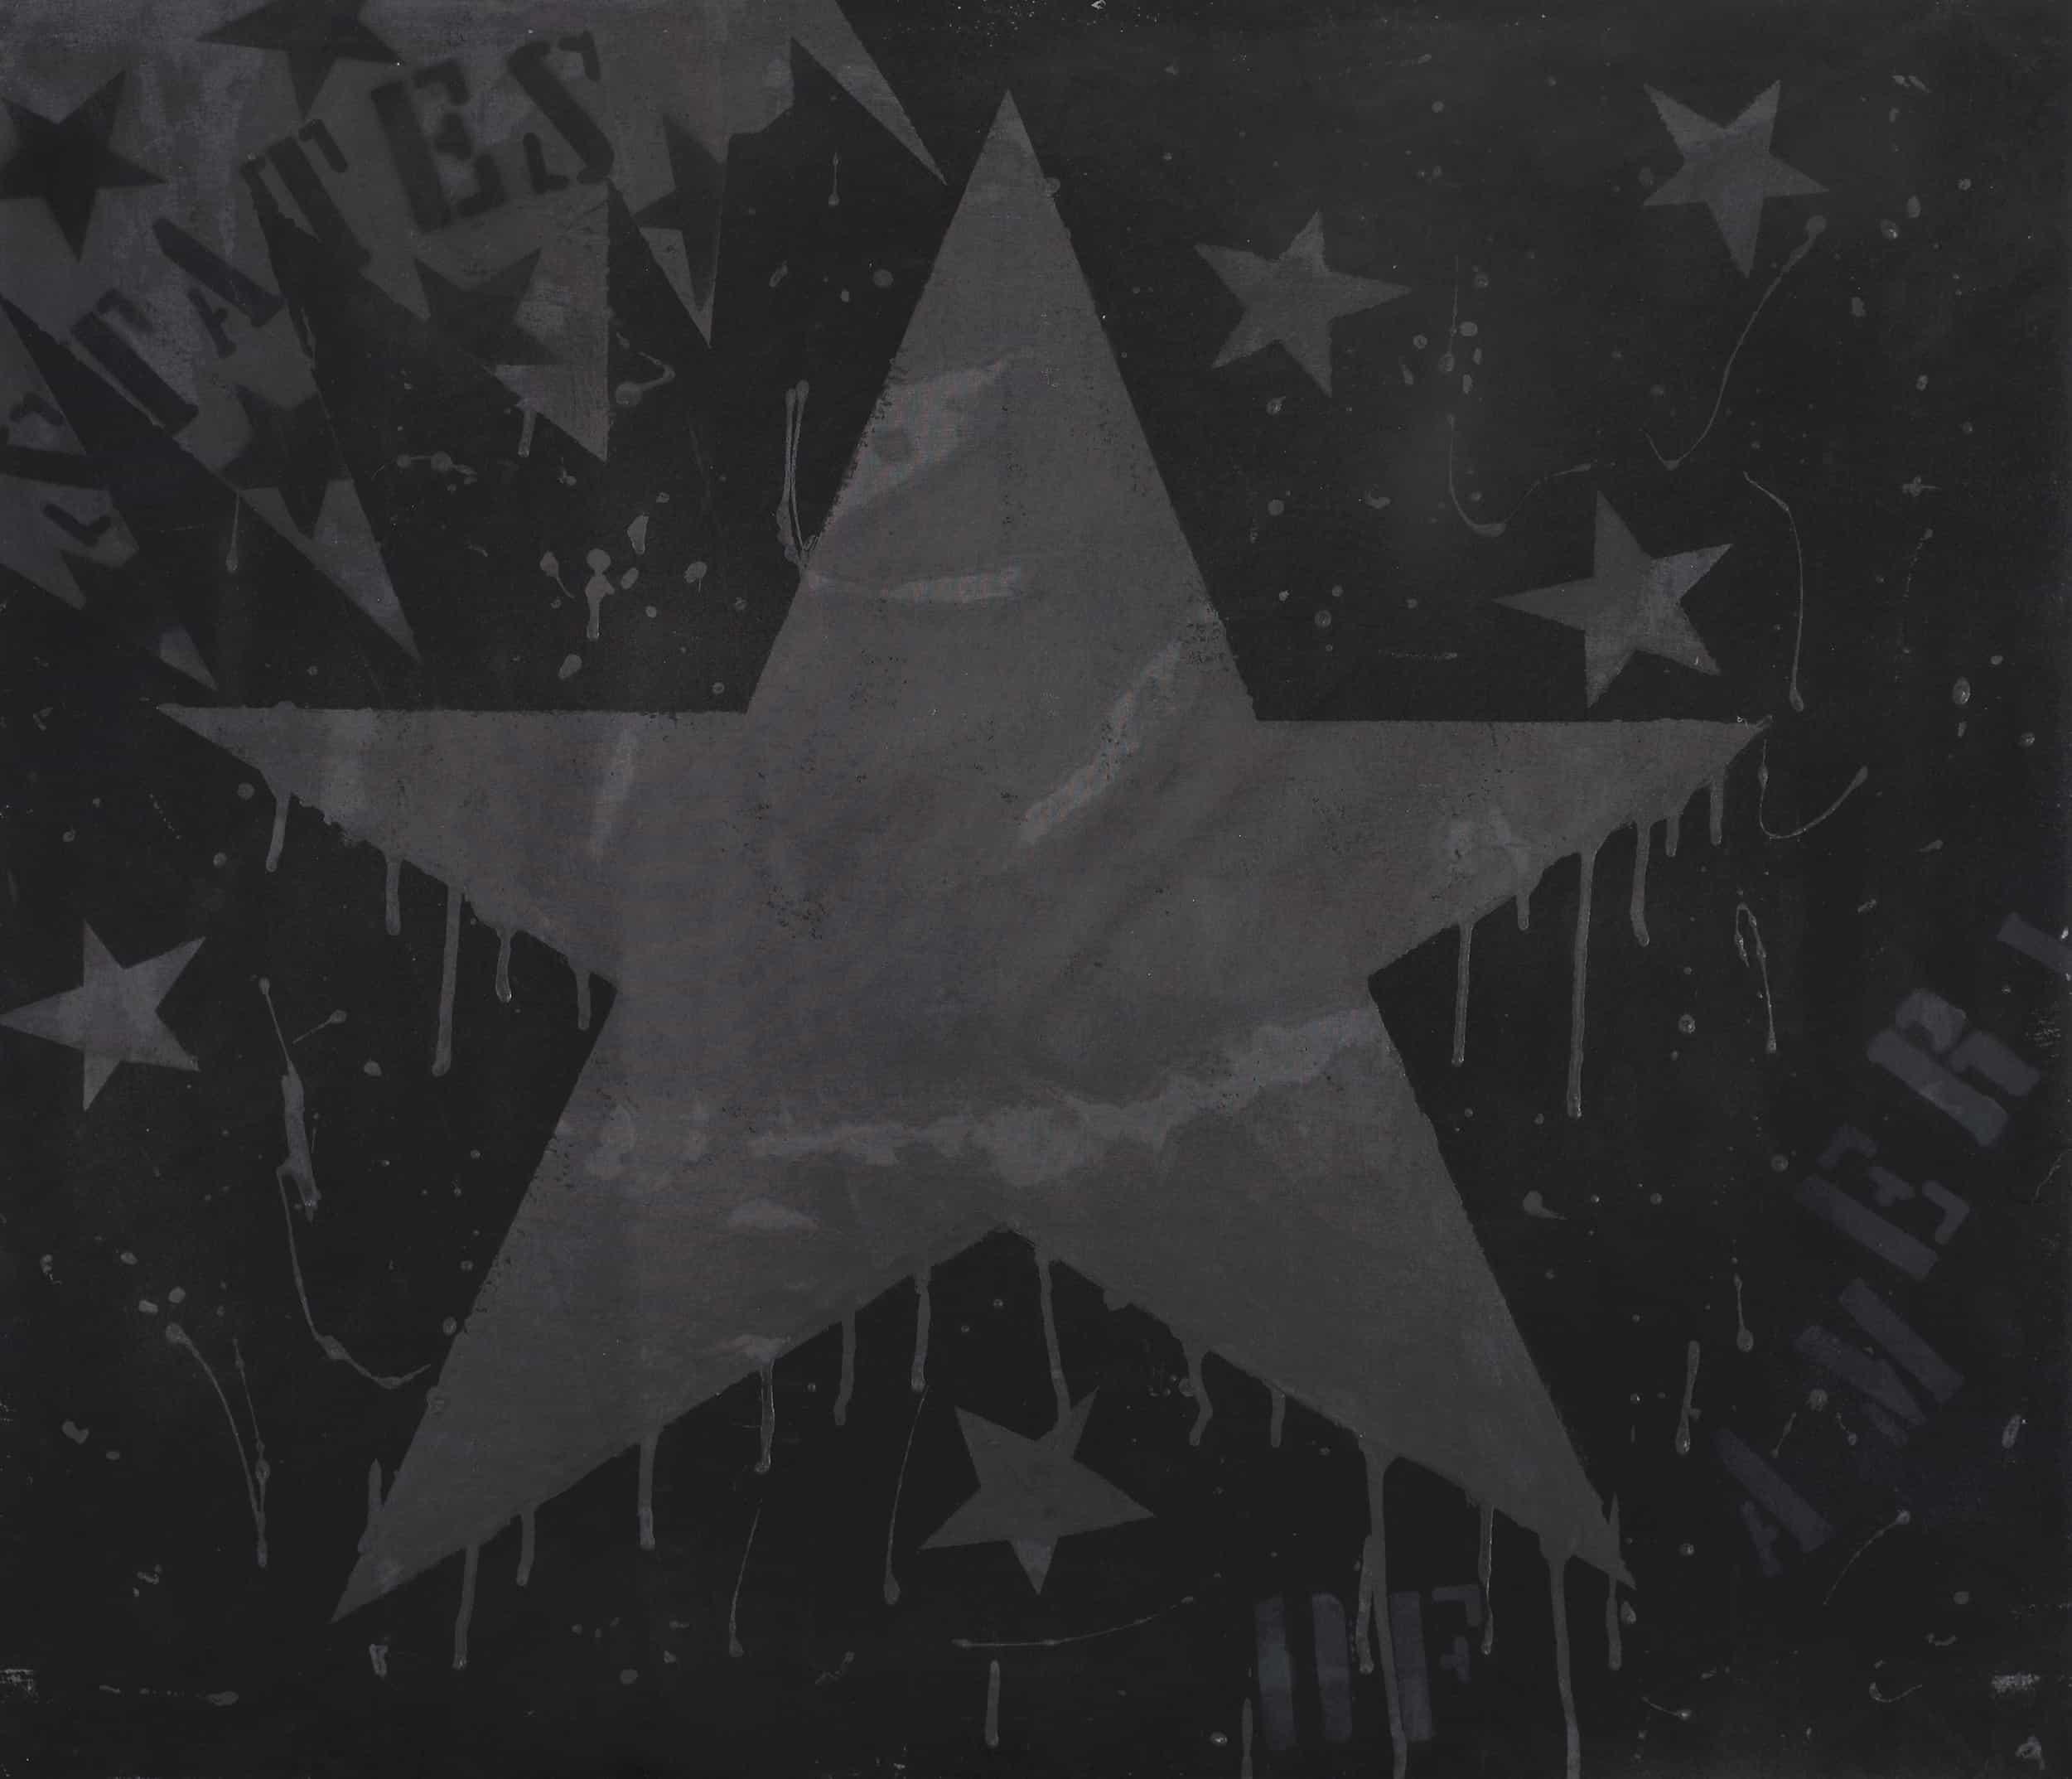 Angeli - Senza titolo, 1965 Tecnica mista su tela con velatino, cm 60x70